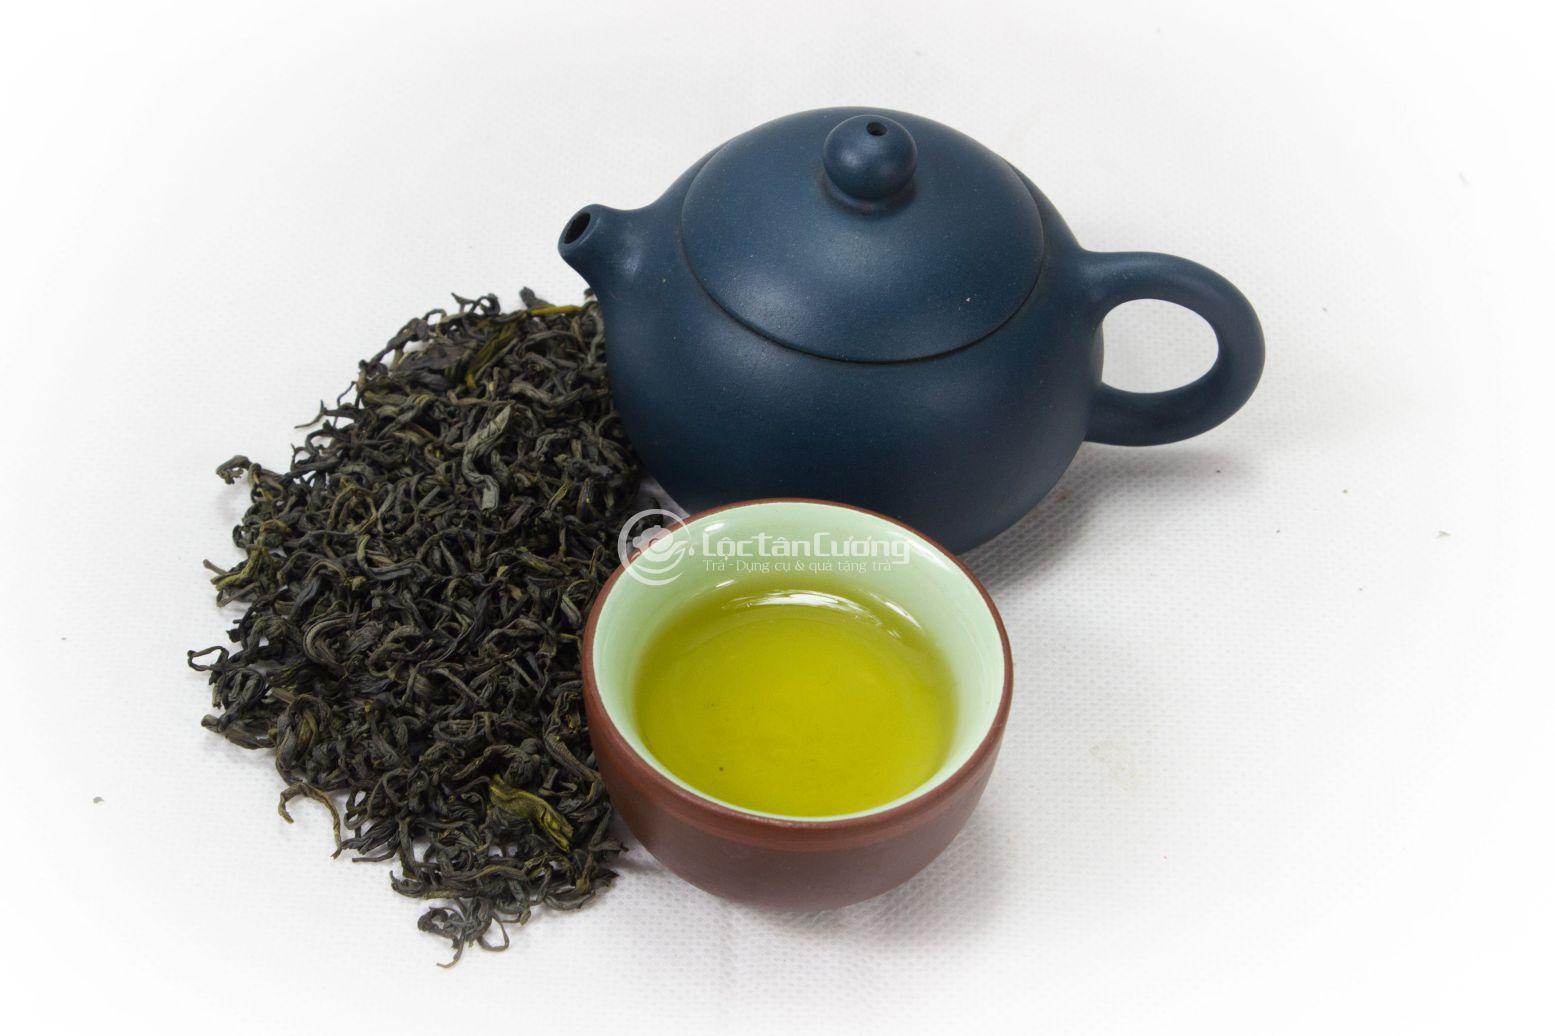 Trà móc câu tượng hạng có hương vị thơm ngon đậm đà và mang lại nhiều sức khỏe cho người dùng